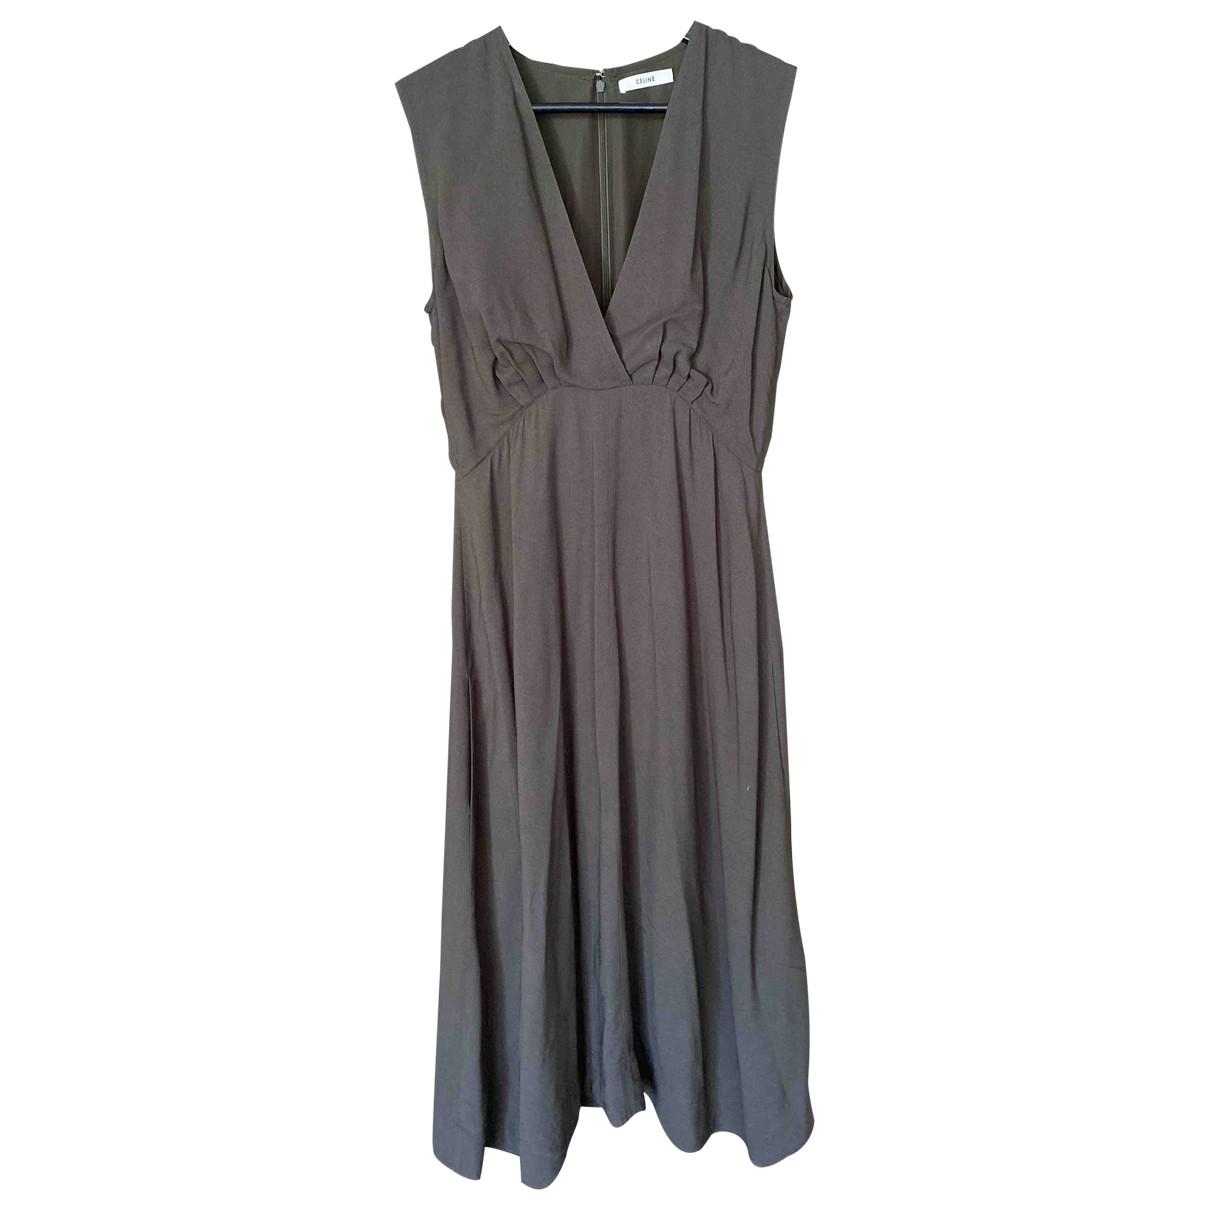 Celine \N Khaki dress for Women 38 FR